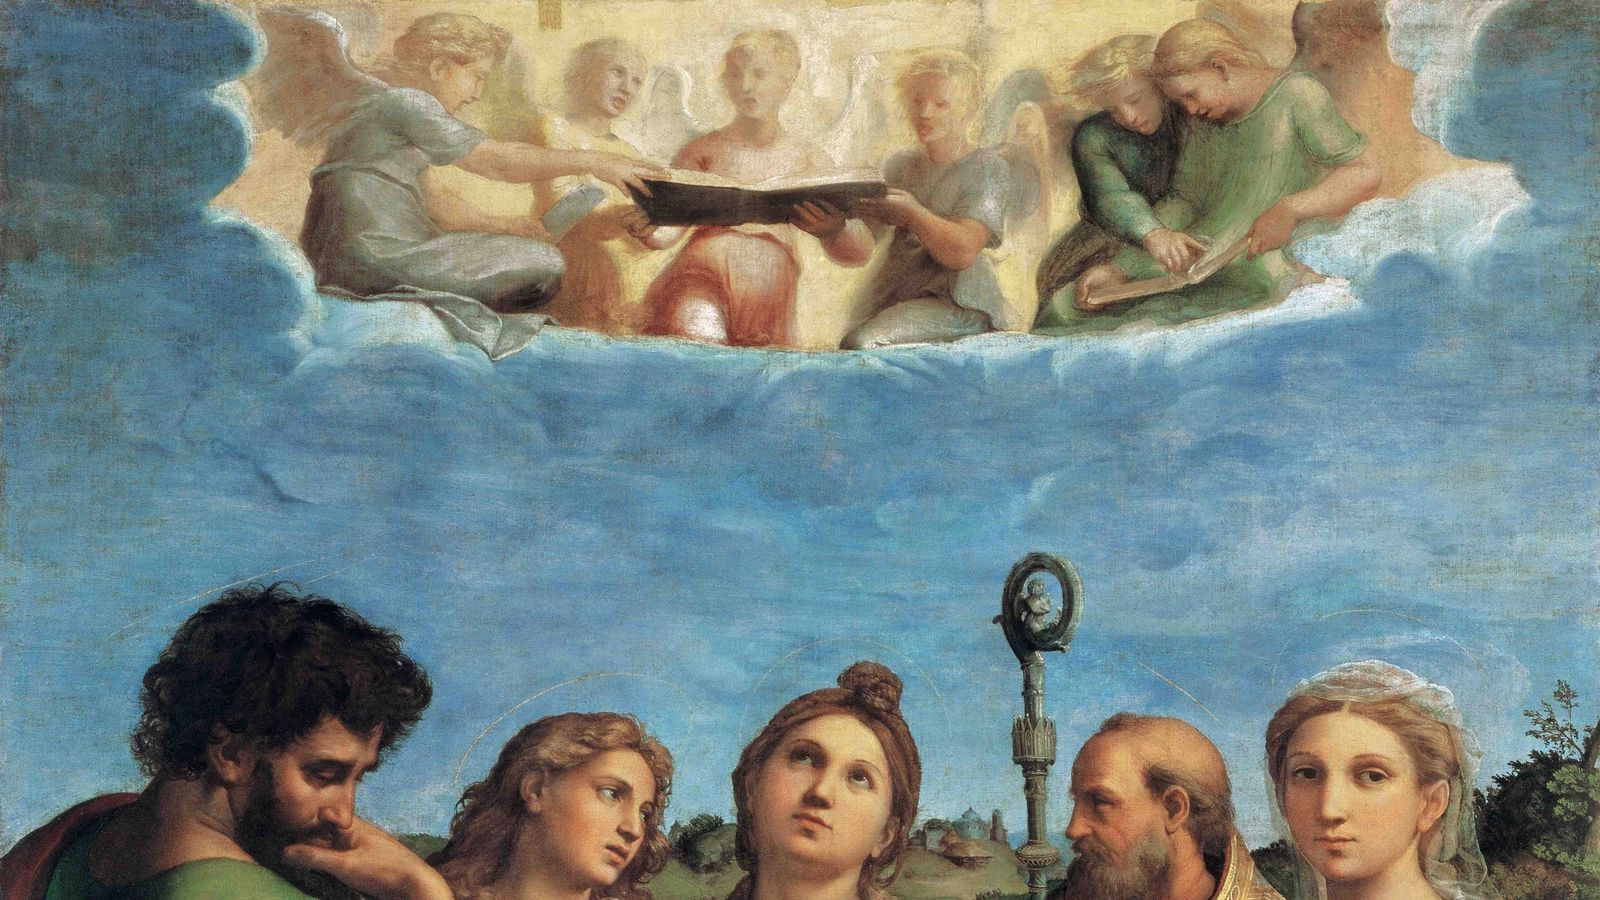 Rafael va ser conegut i popular sobretot pels seus quadres religiosos i en especial per les seves Sagrades Famílies i Verges amb Nen. A la imatge, un dels seus grans quadres d'altar: l'Èxtasi de Santa Cecilia (Santa Cecilia amb els sants Pau, Joan evangelista, Agustí i Maria Magdalena), una obra datada cap al 1518 que es conserva a la Pinacoteca Nacional de Bolonya.